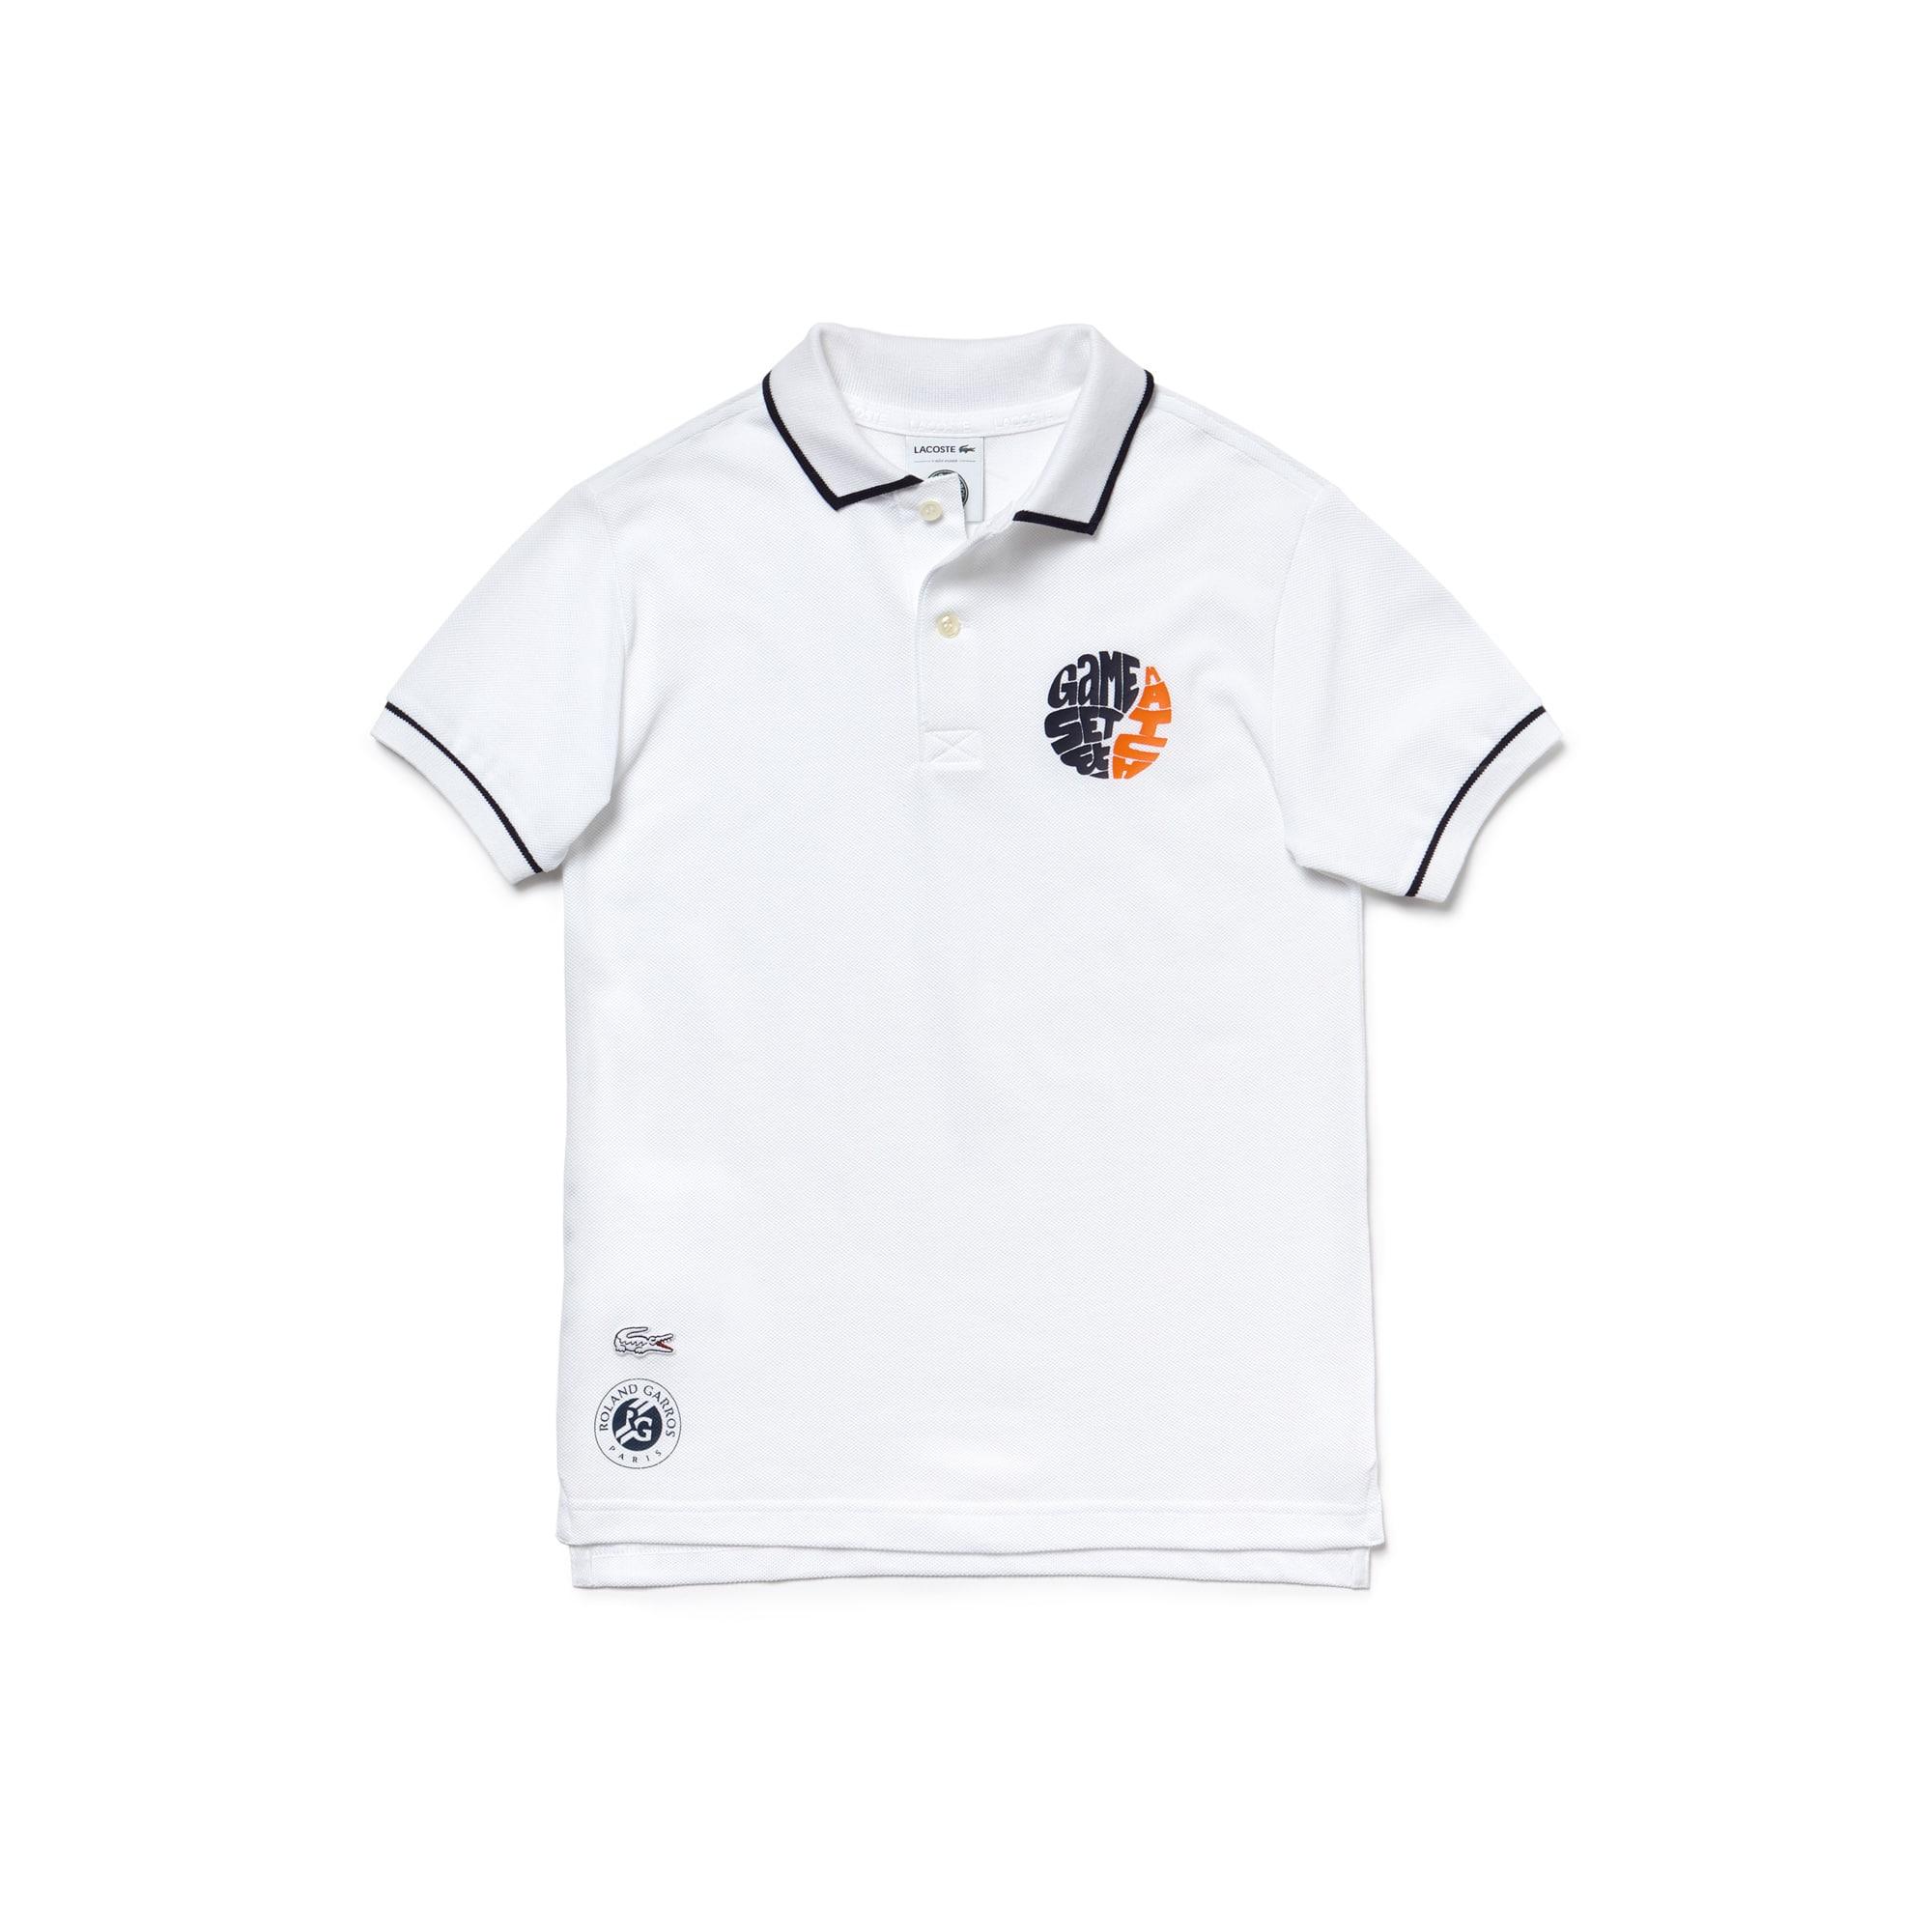 قميص بولو للأولاد من لاكوست سبورت ضمن مجموعة رولان جاروس بخامة بيتي بيكيه